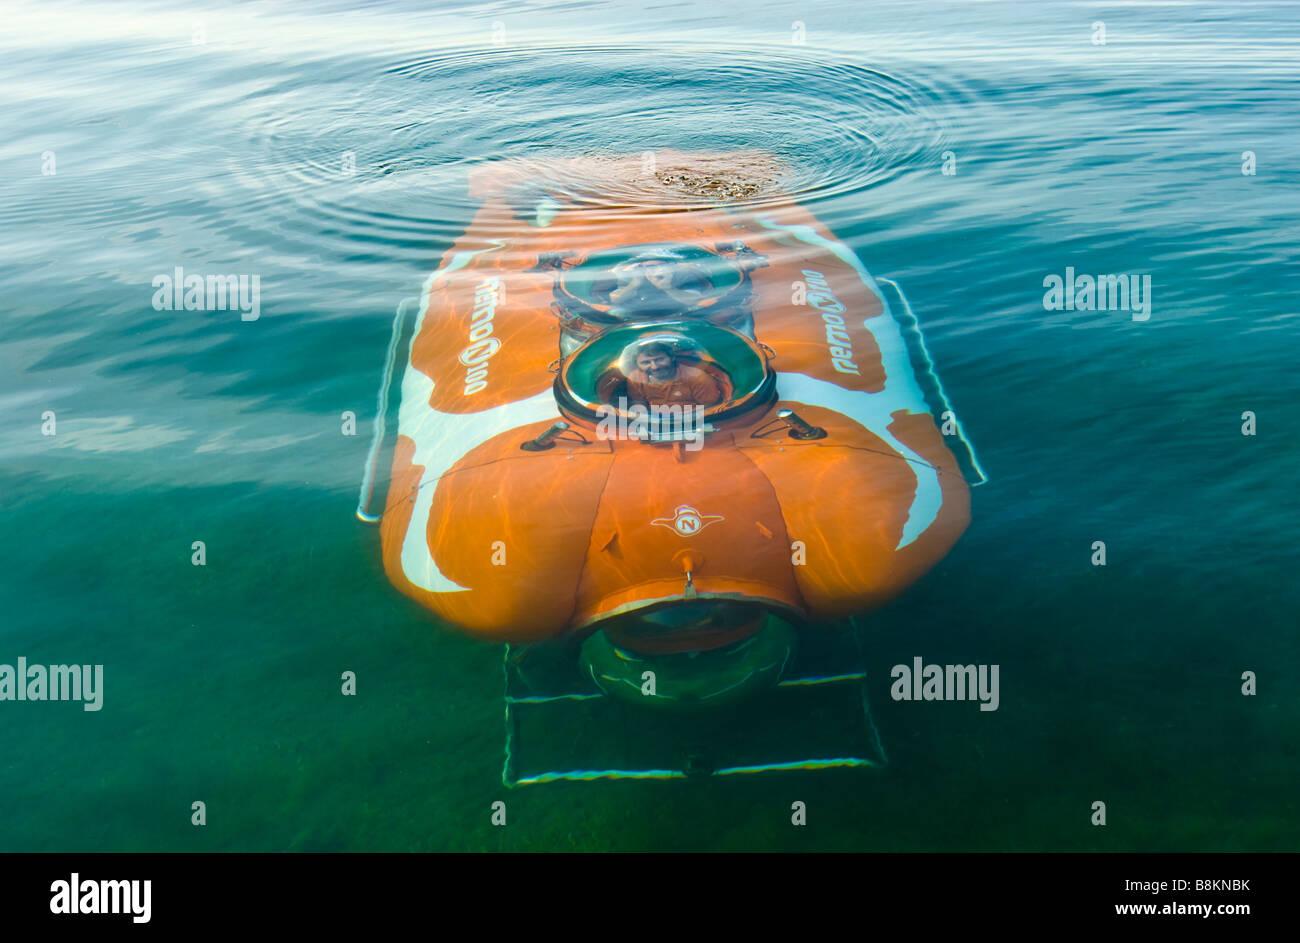 Dive in private German made submarine nemo 100 under water | Tauchgang im privaten deutschen Unterseeboot Nemo 100 - Stock Image